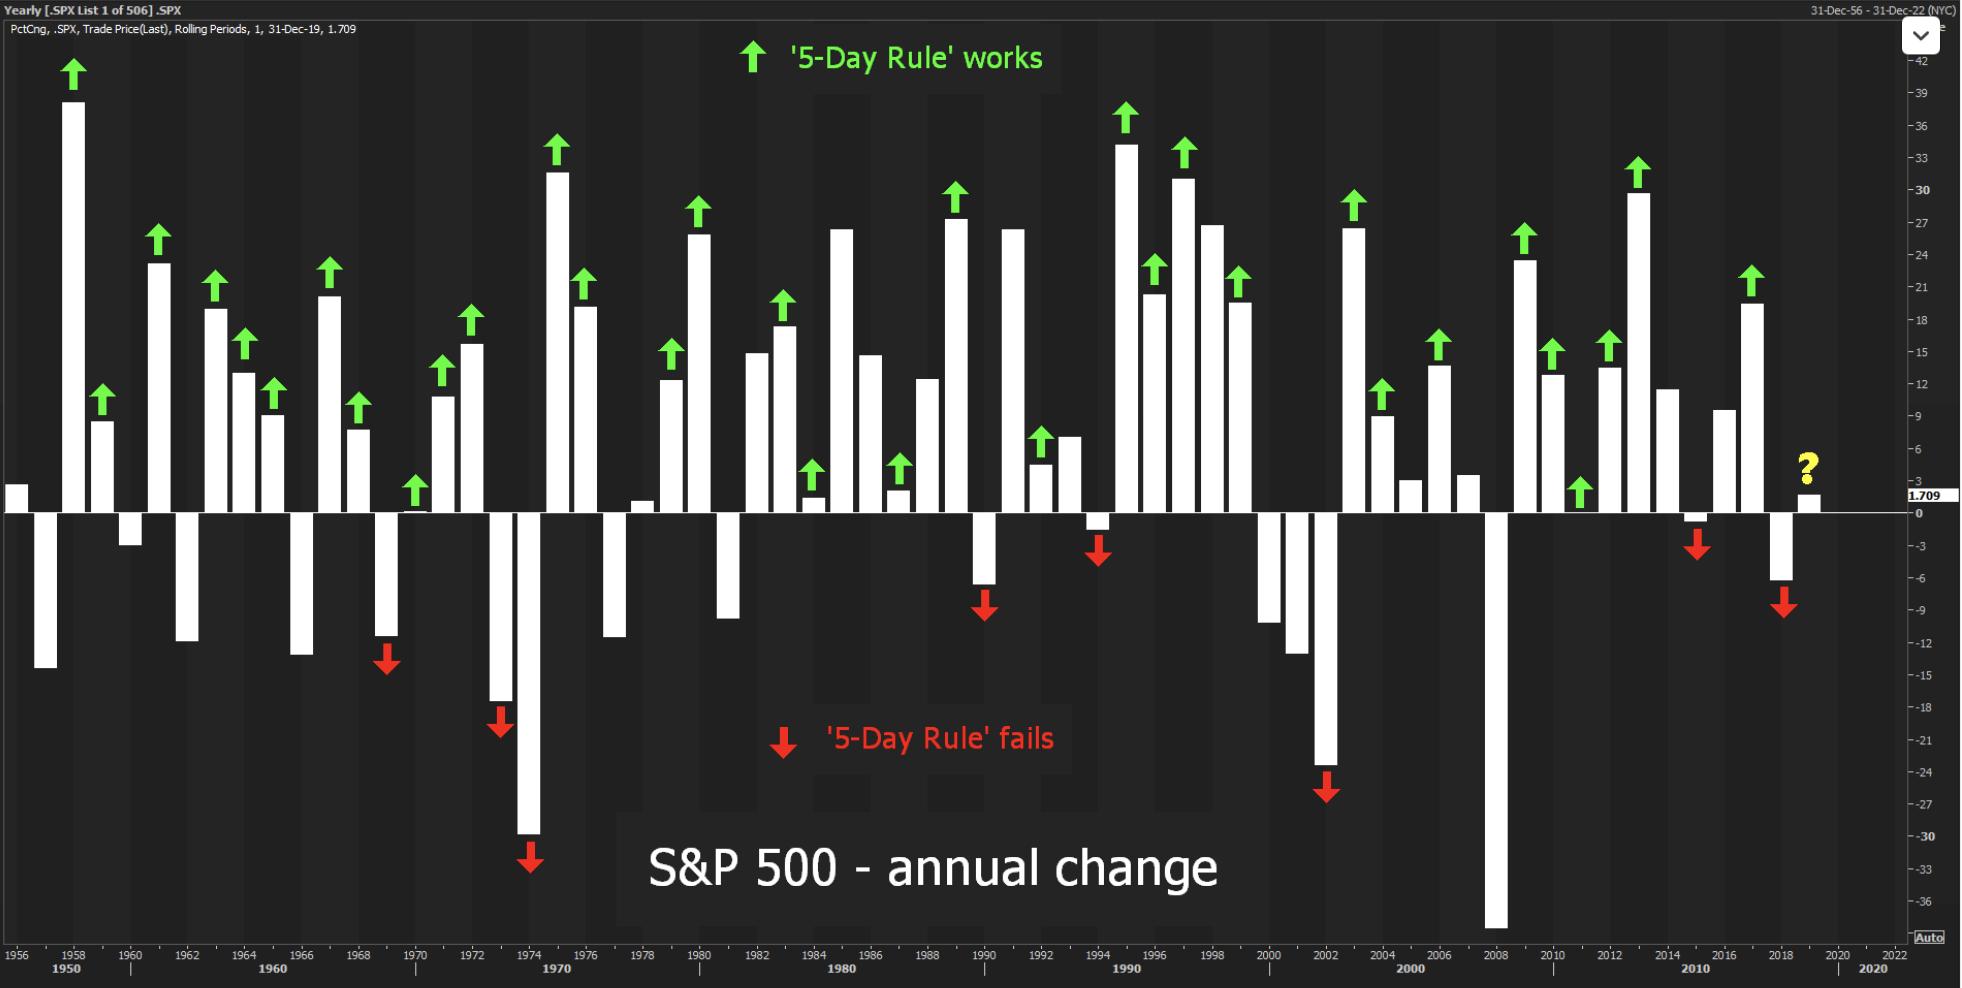 Sezonowosc S&P500